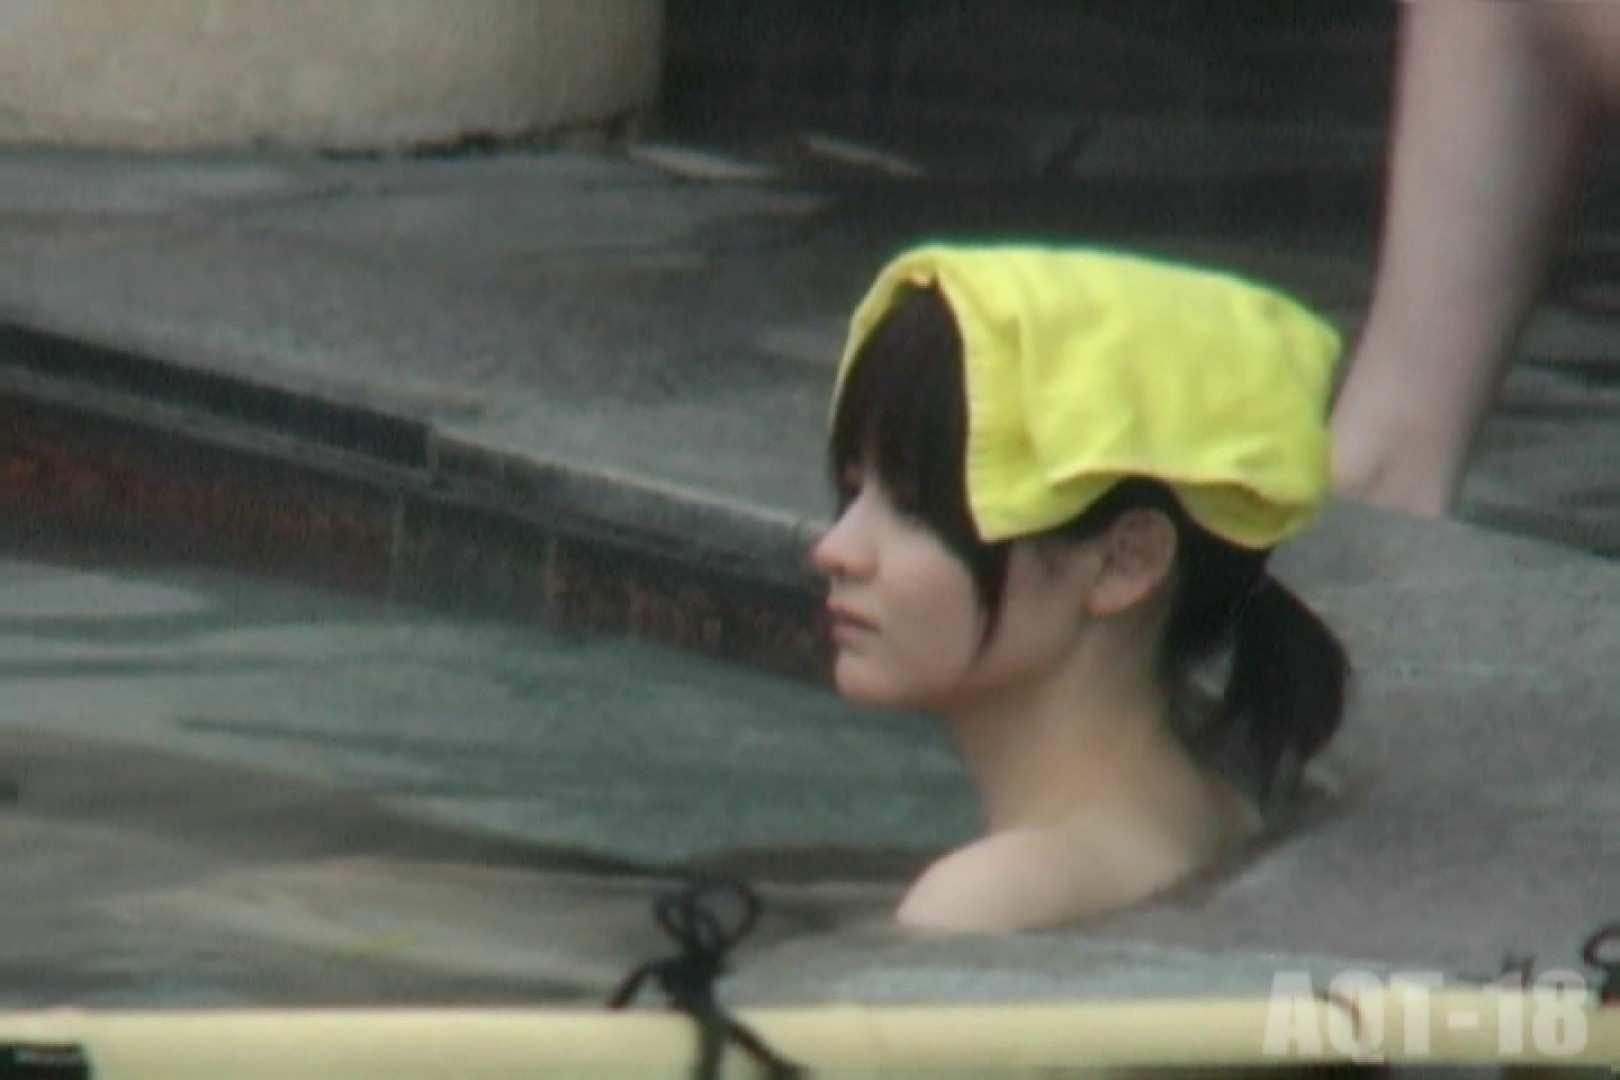 Aquaな露天風呂Vol.854 美しいOLの裸体 エロ無料画像 97pic 56